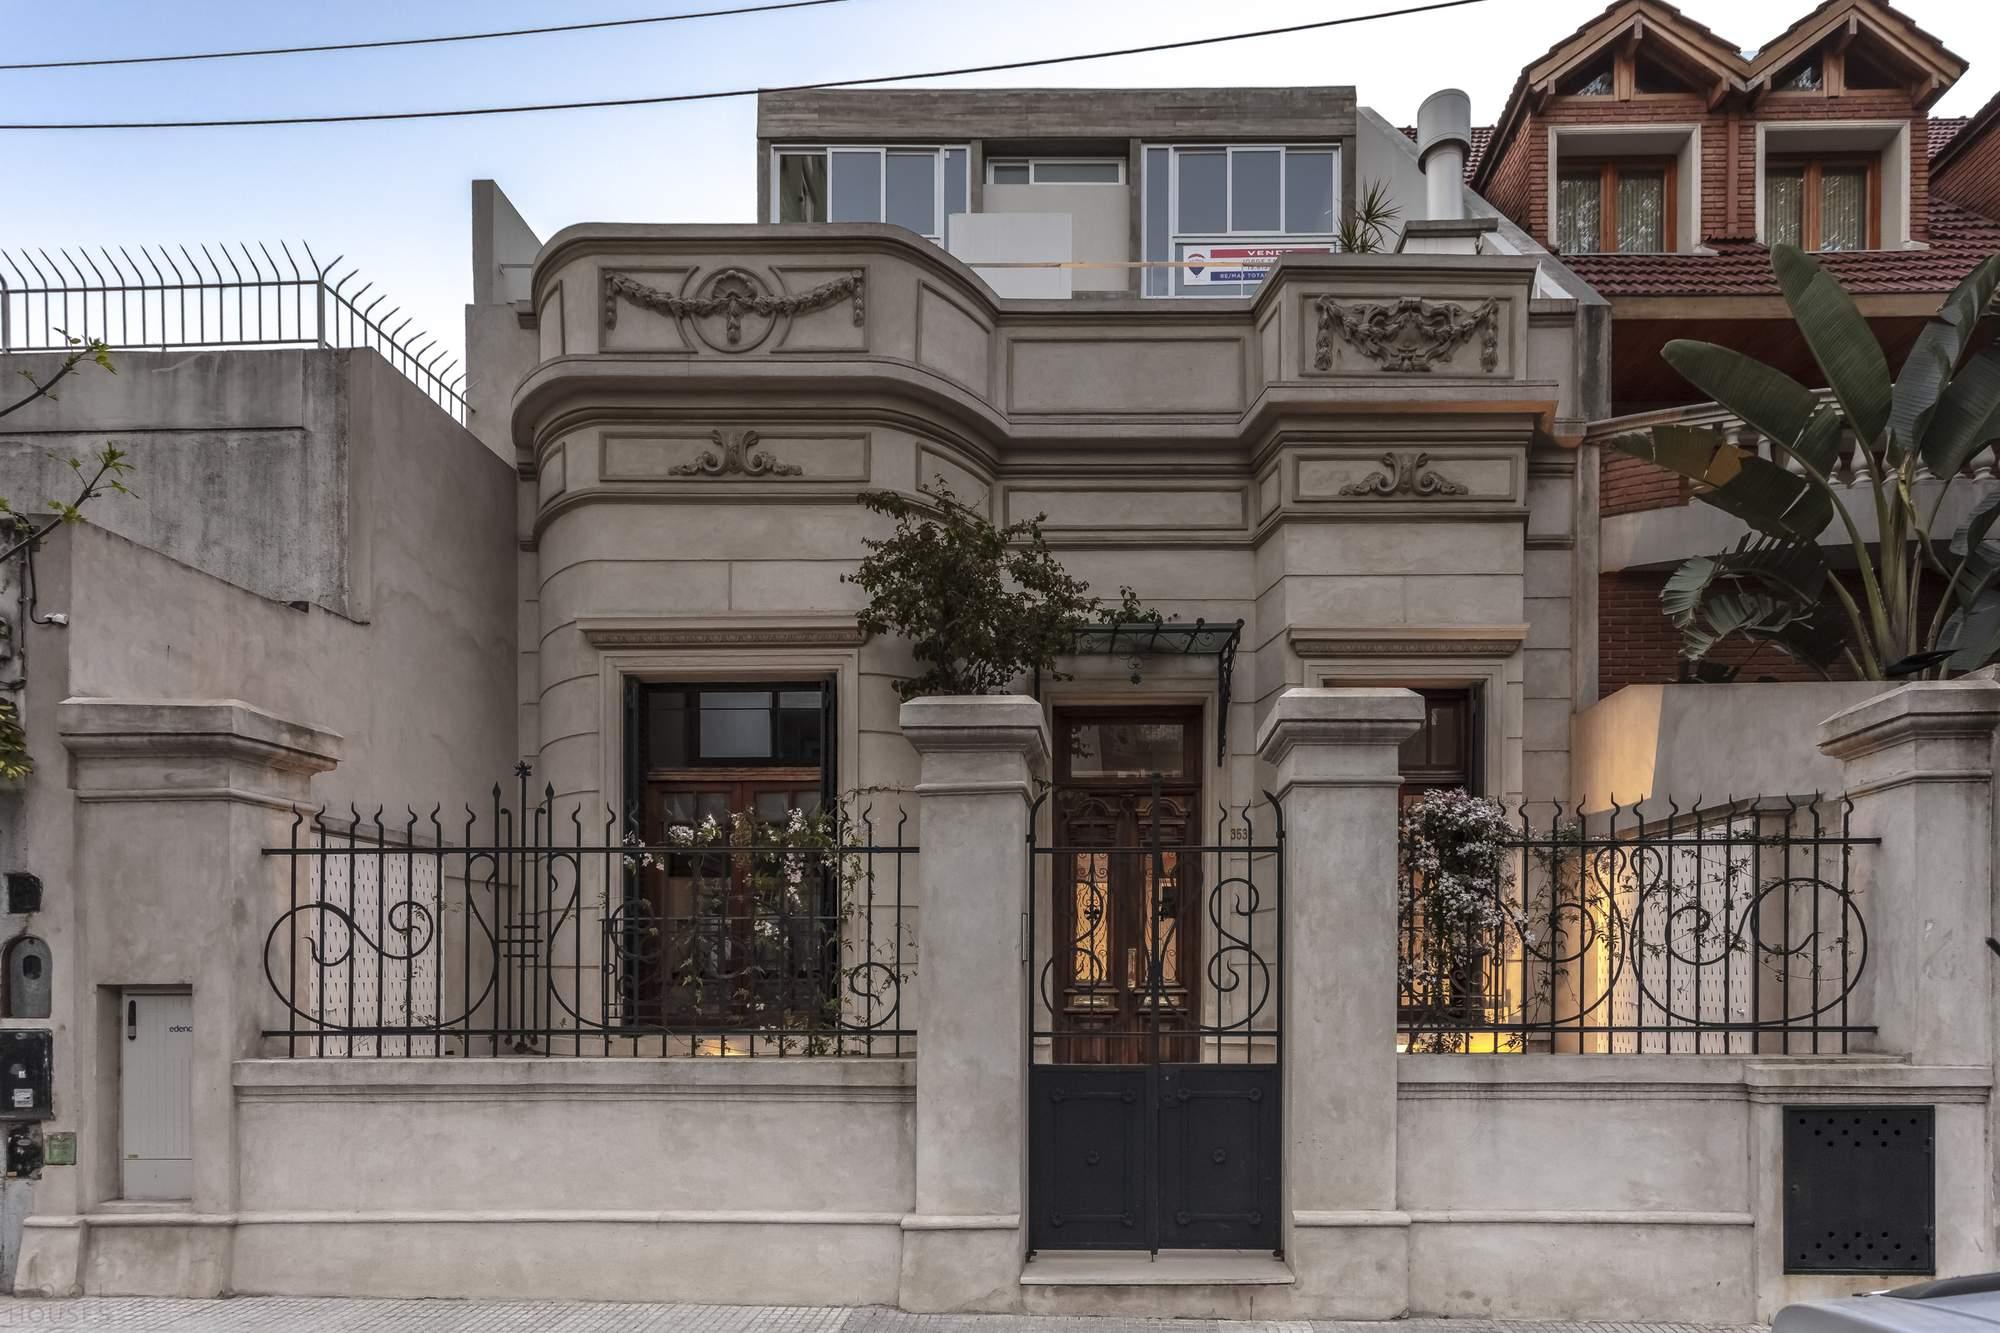 Адаптация старинного здания к современной жизни, Аргентина